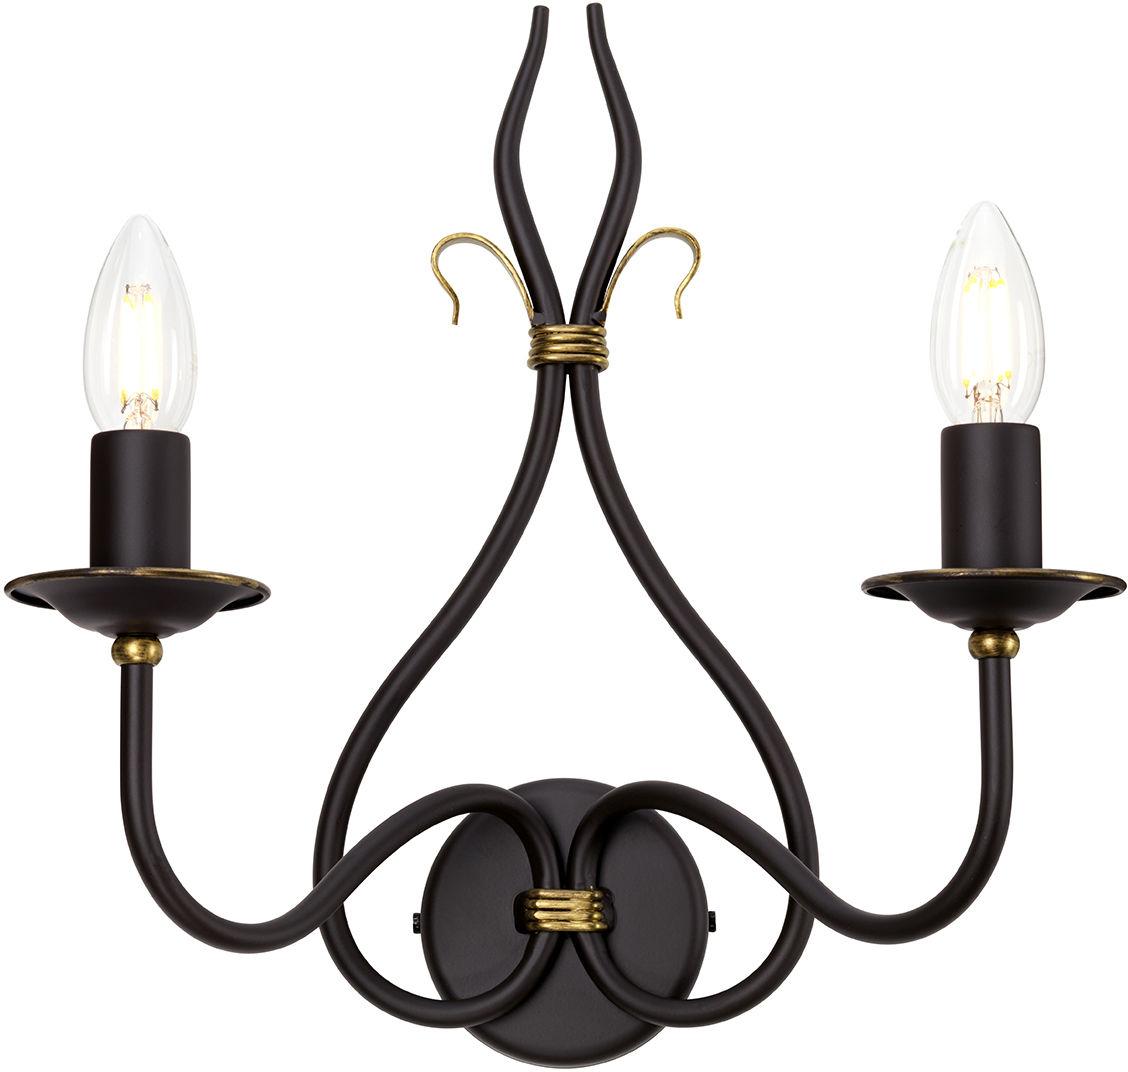 Kinkiet podwójny Windemere WM2 Elstead Lighting dekoracyjne oprawa ścienna w stylu klasycznym